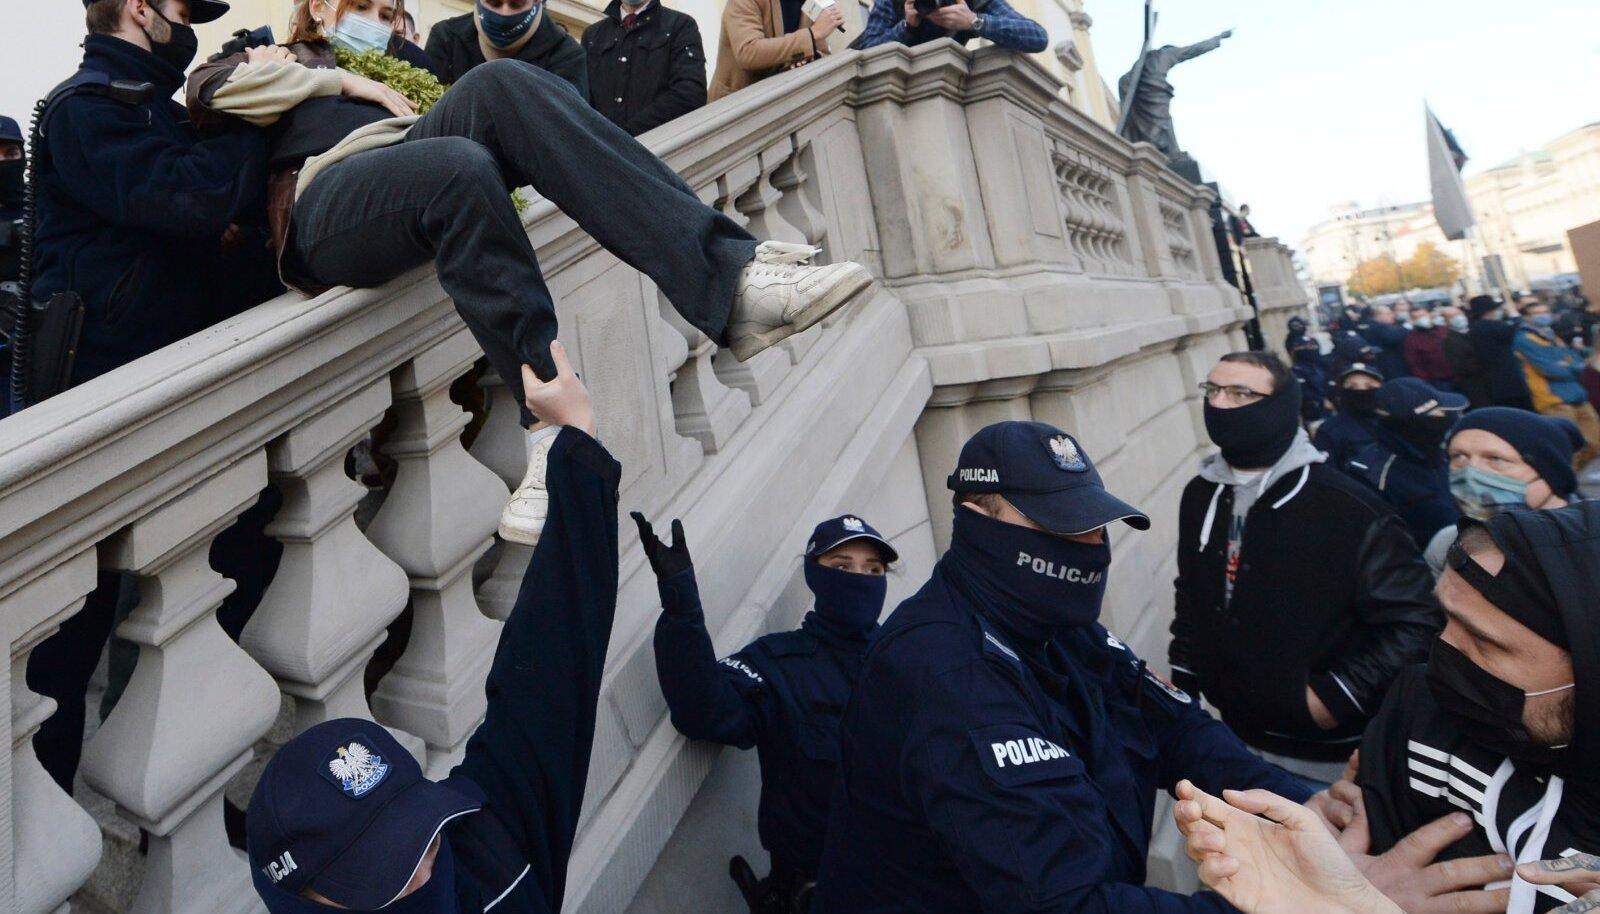 Pühapäeval takistasid meeleavaldajad mitmel pool jumalateenistusi ja see põhjustas kähmlusi.